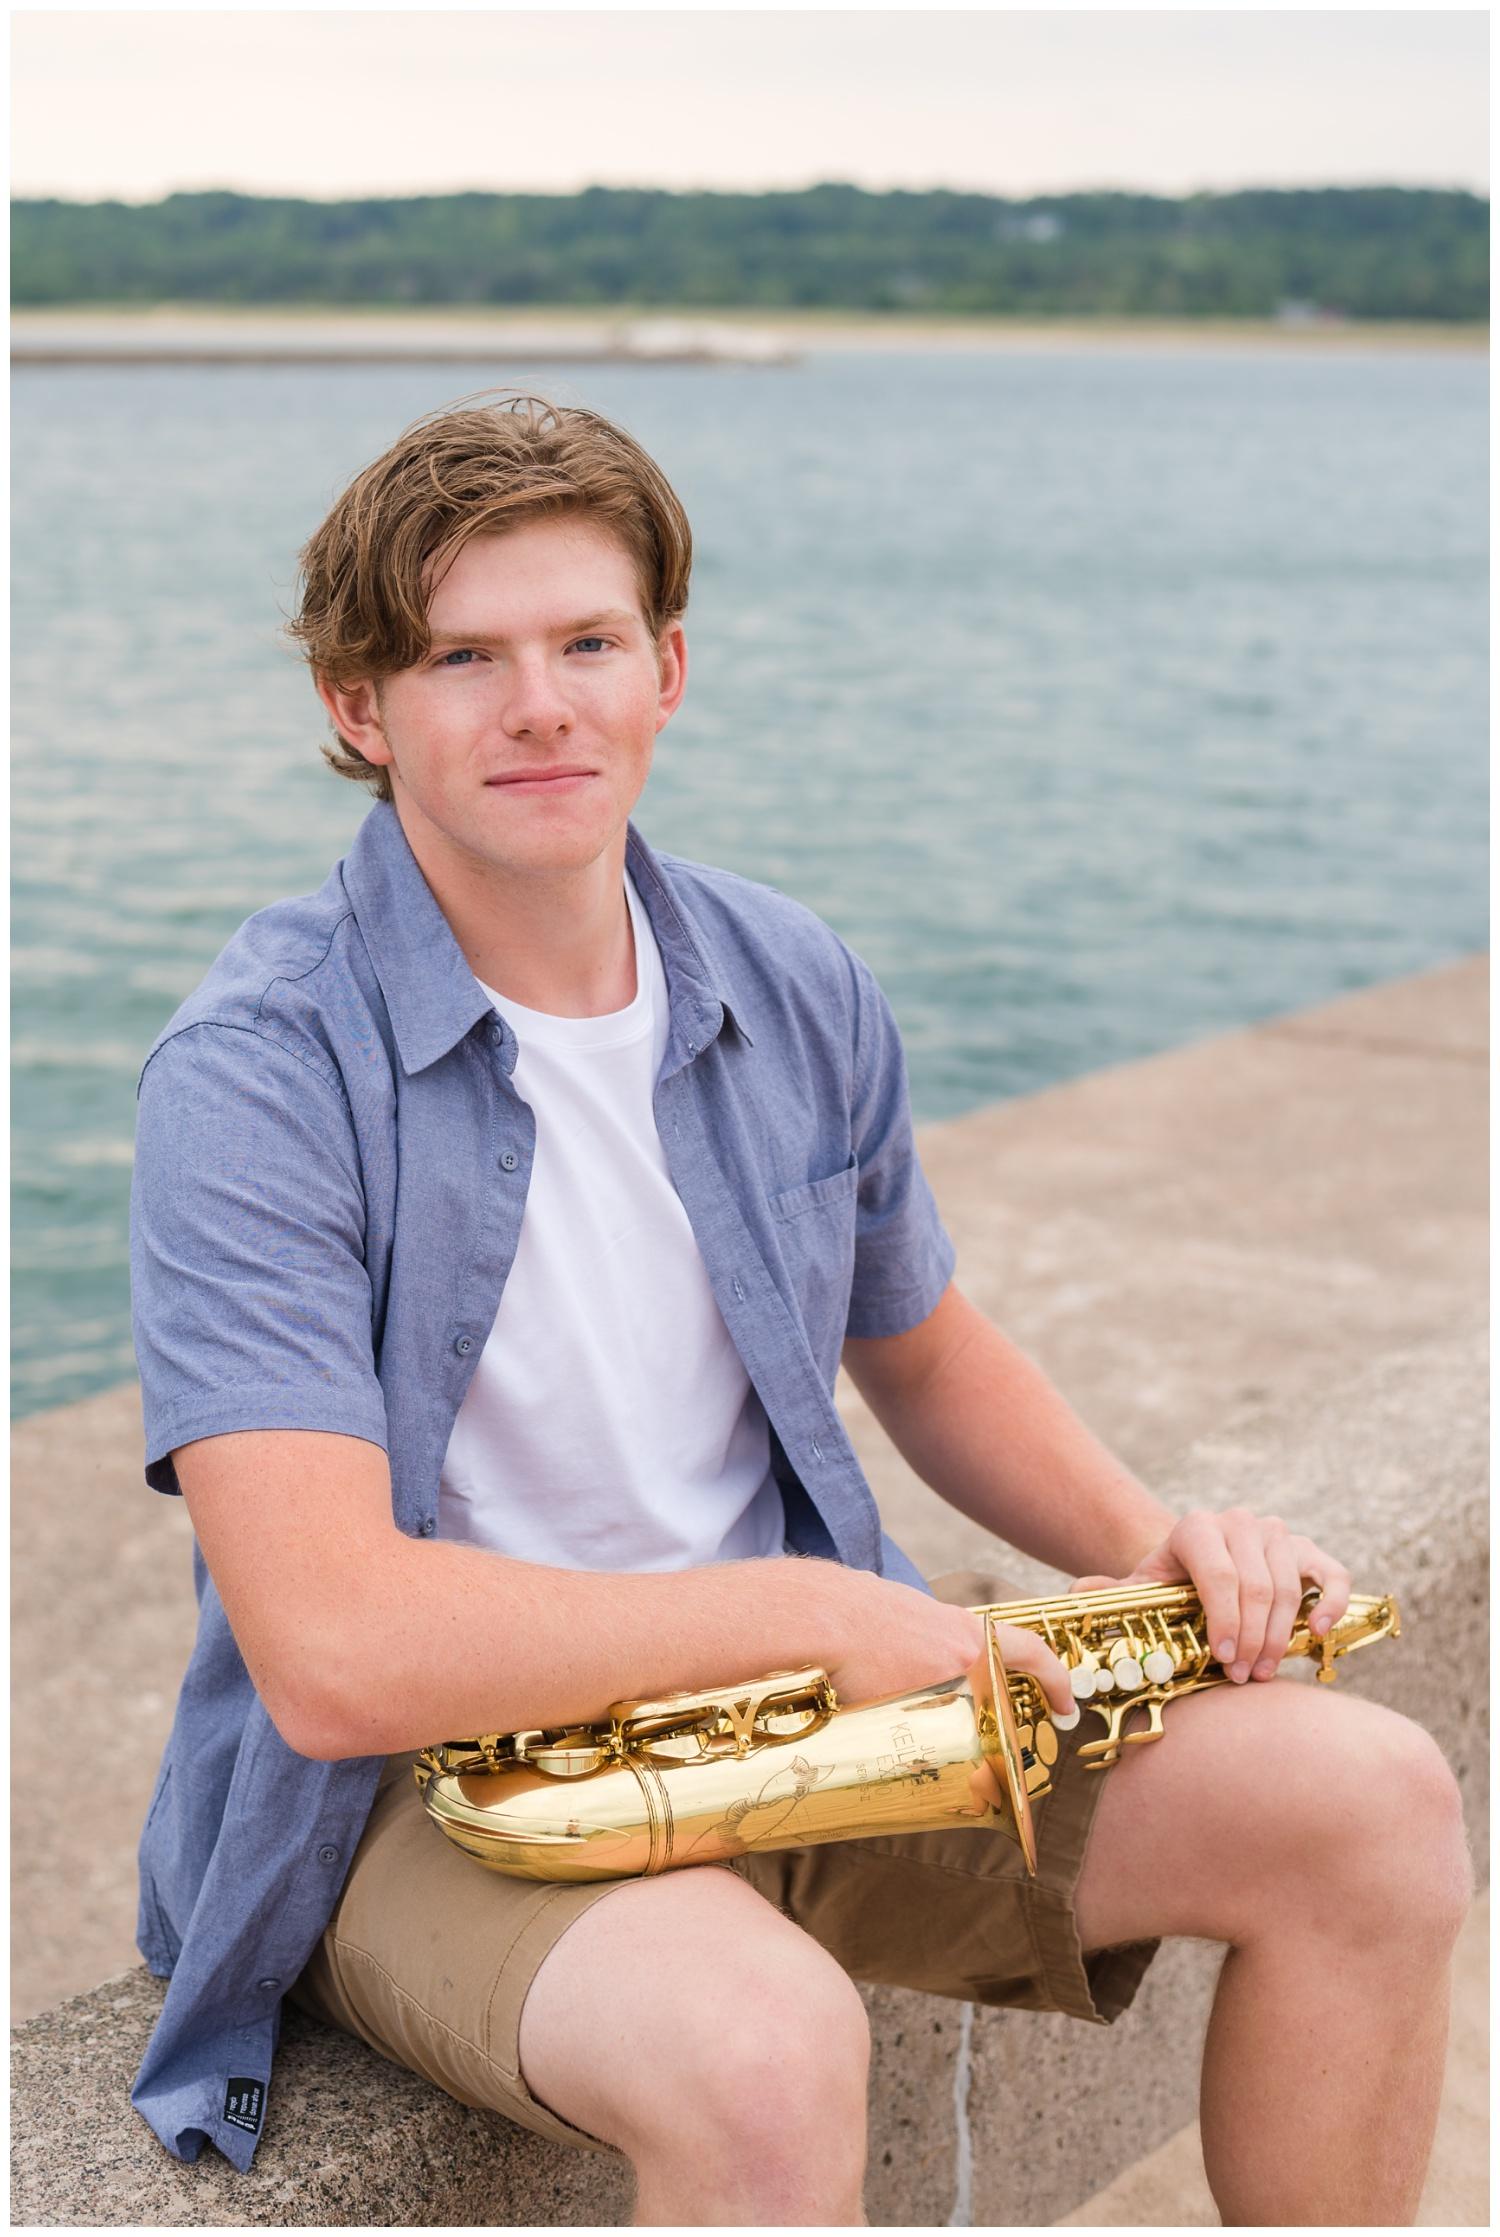 high school senior boy with saxophone